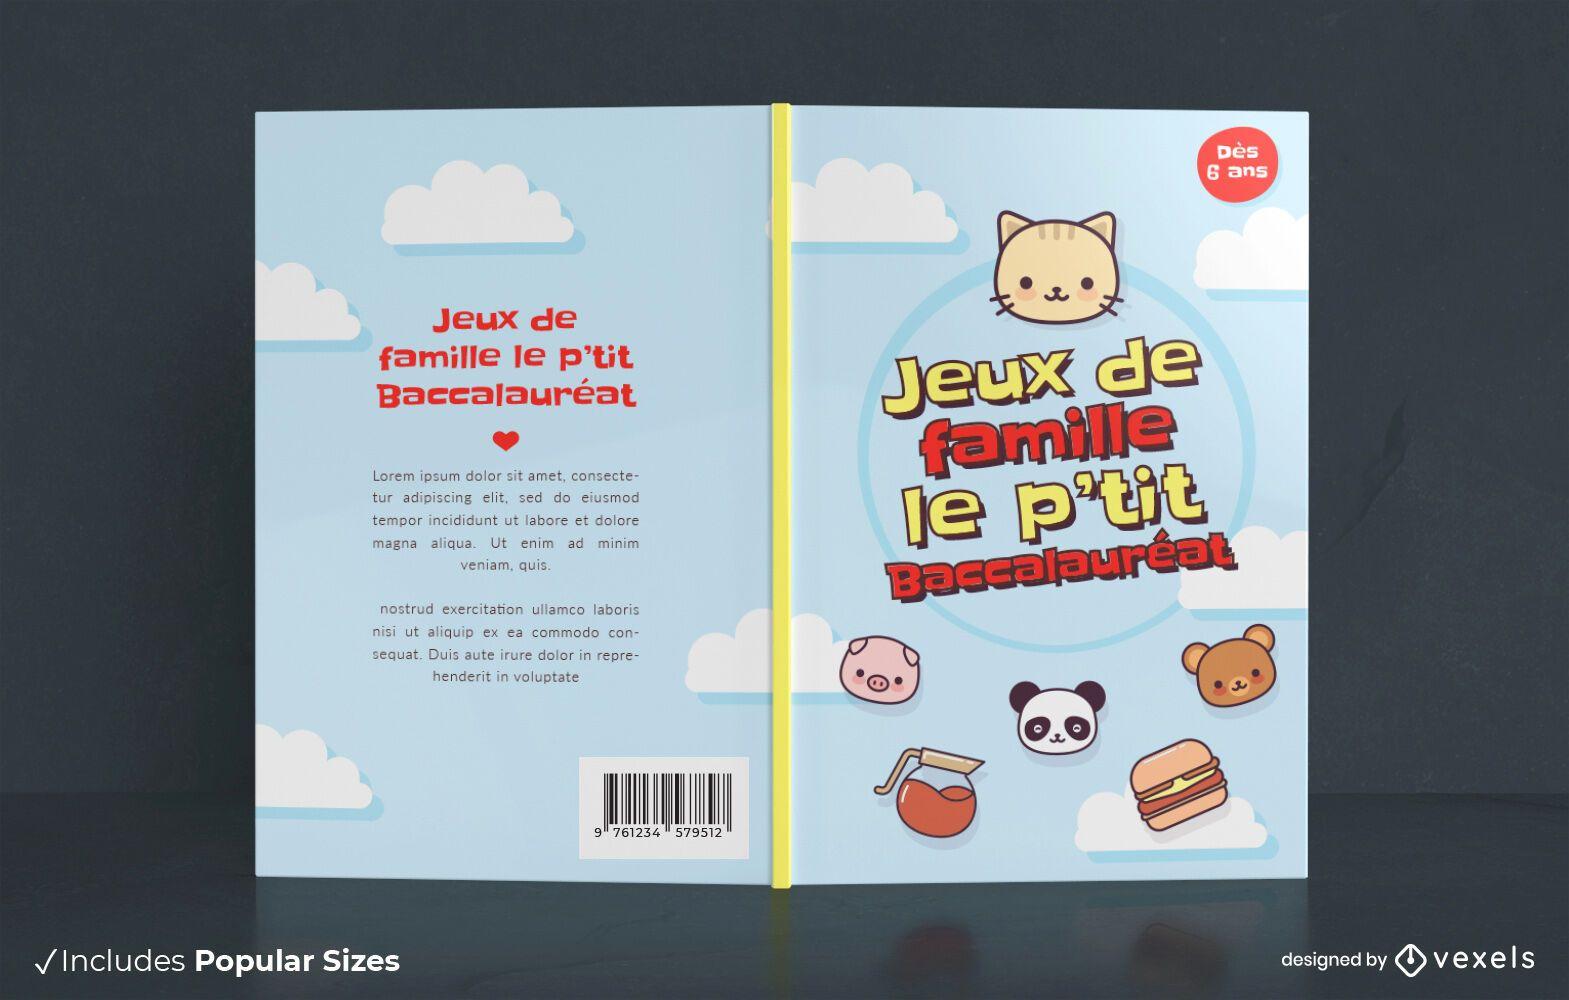 Diseño de portada de libro de juegos familiares